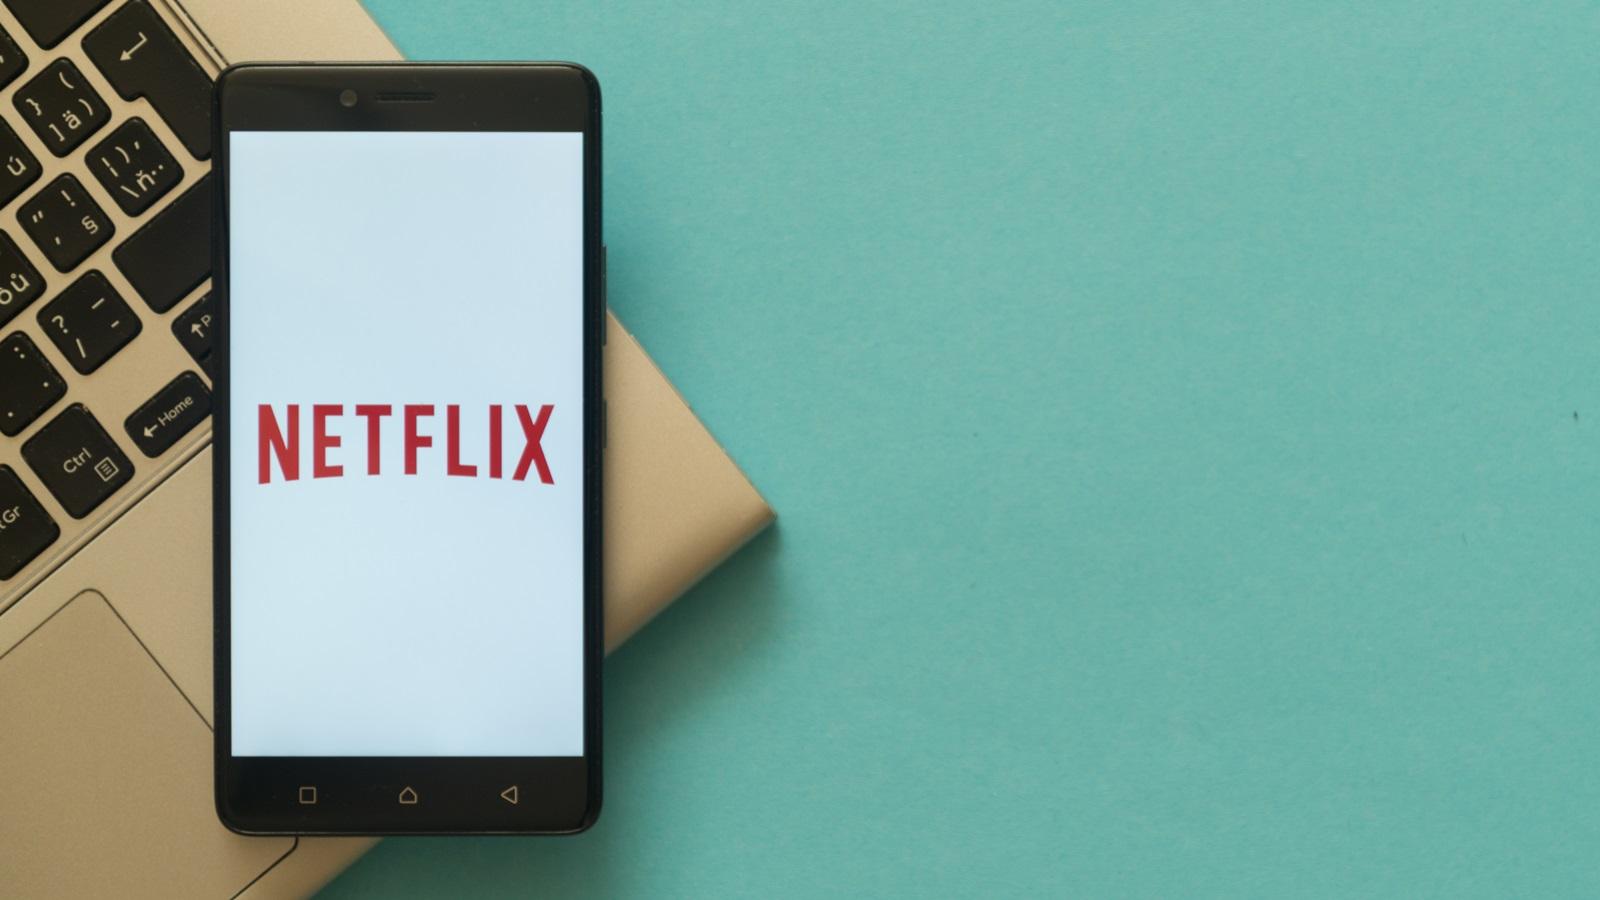 Filmy online zdarma 2021: 9 webů, kde je můžete sledovat legálně včeštině